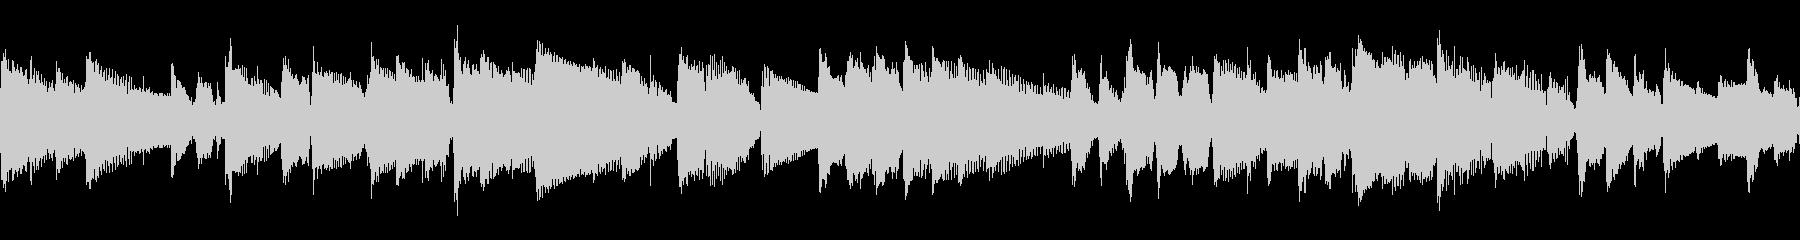 リラックスムードのアコースティックの未再生の波形